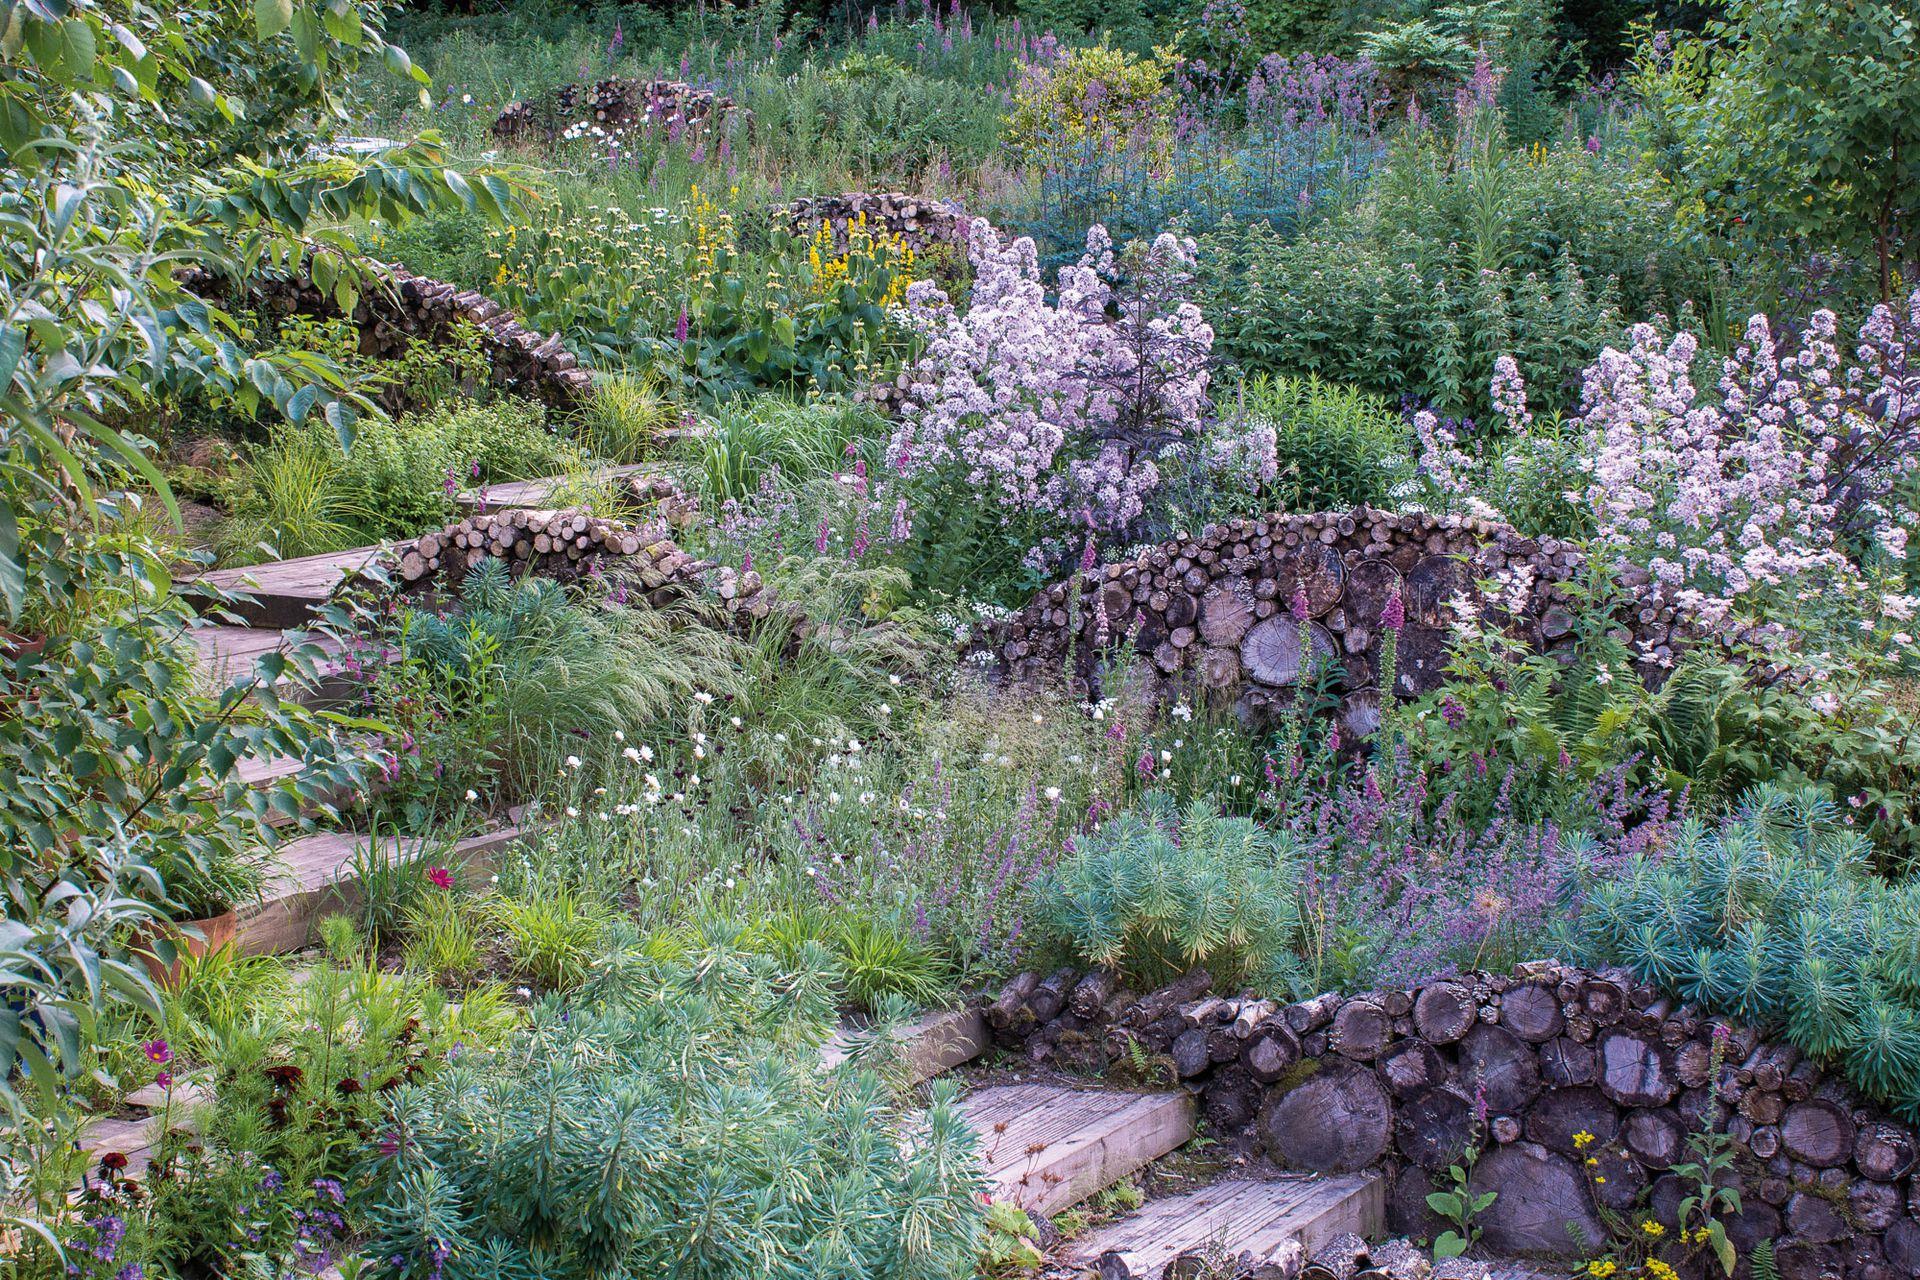 """""""A pesar de que la sustentabilidad y las funciones ecológicas son la base fundante de lo que hago -dijo Nigel Dunnett a Jardín, mi principal búsqueda es además crear una conexión emocional profunda con la gente al crear experiencias estéticas de belleza transformacional""""."""